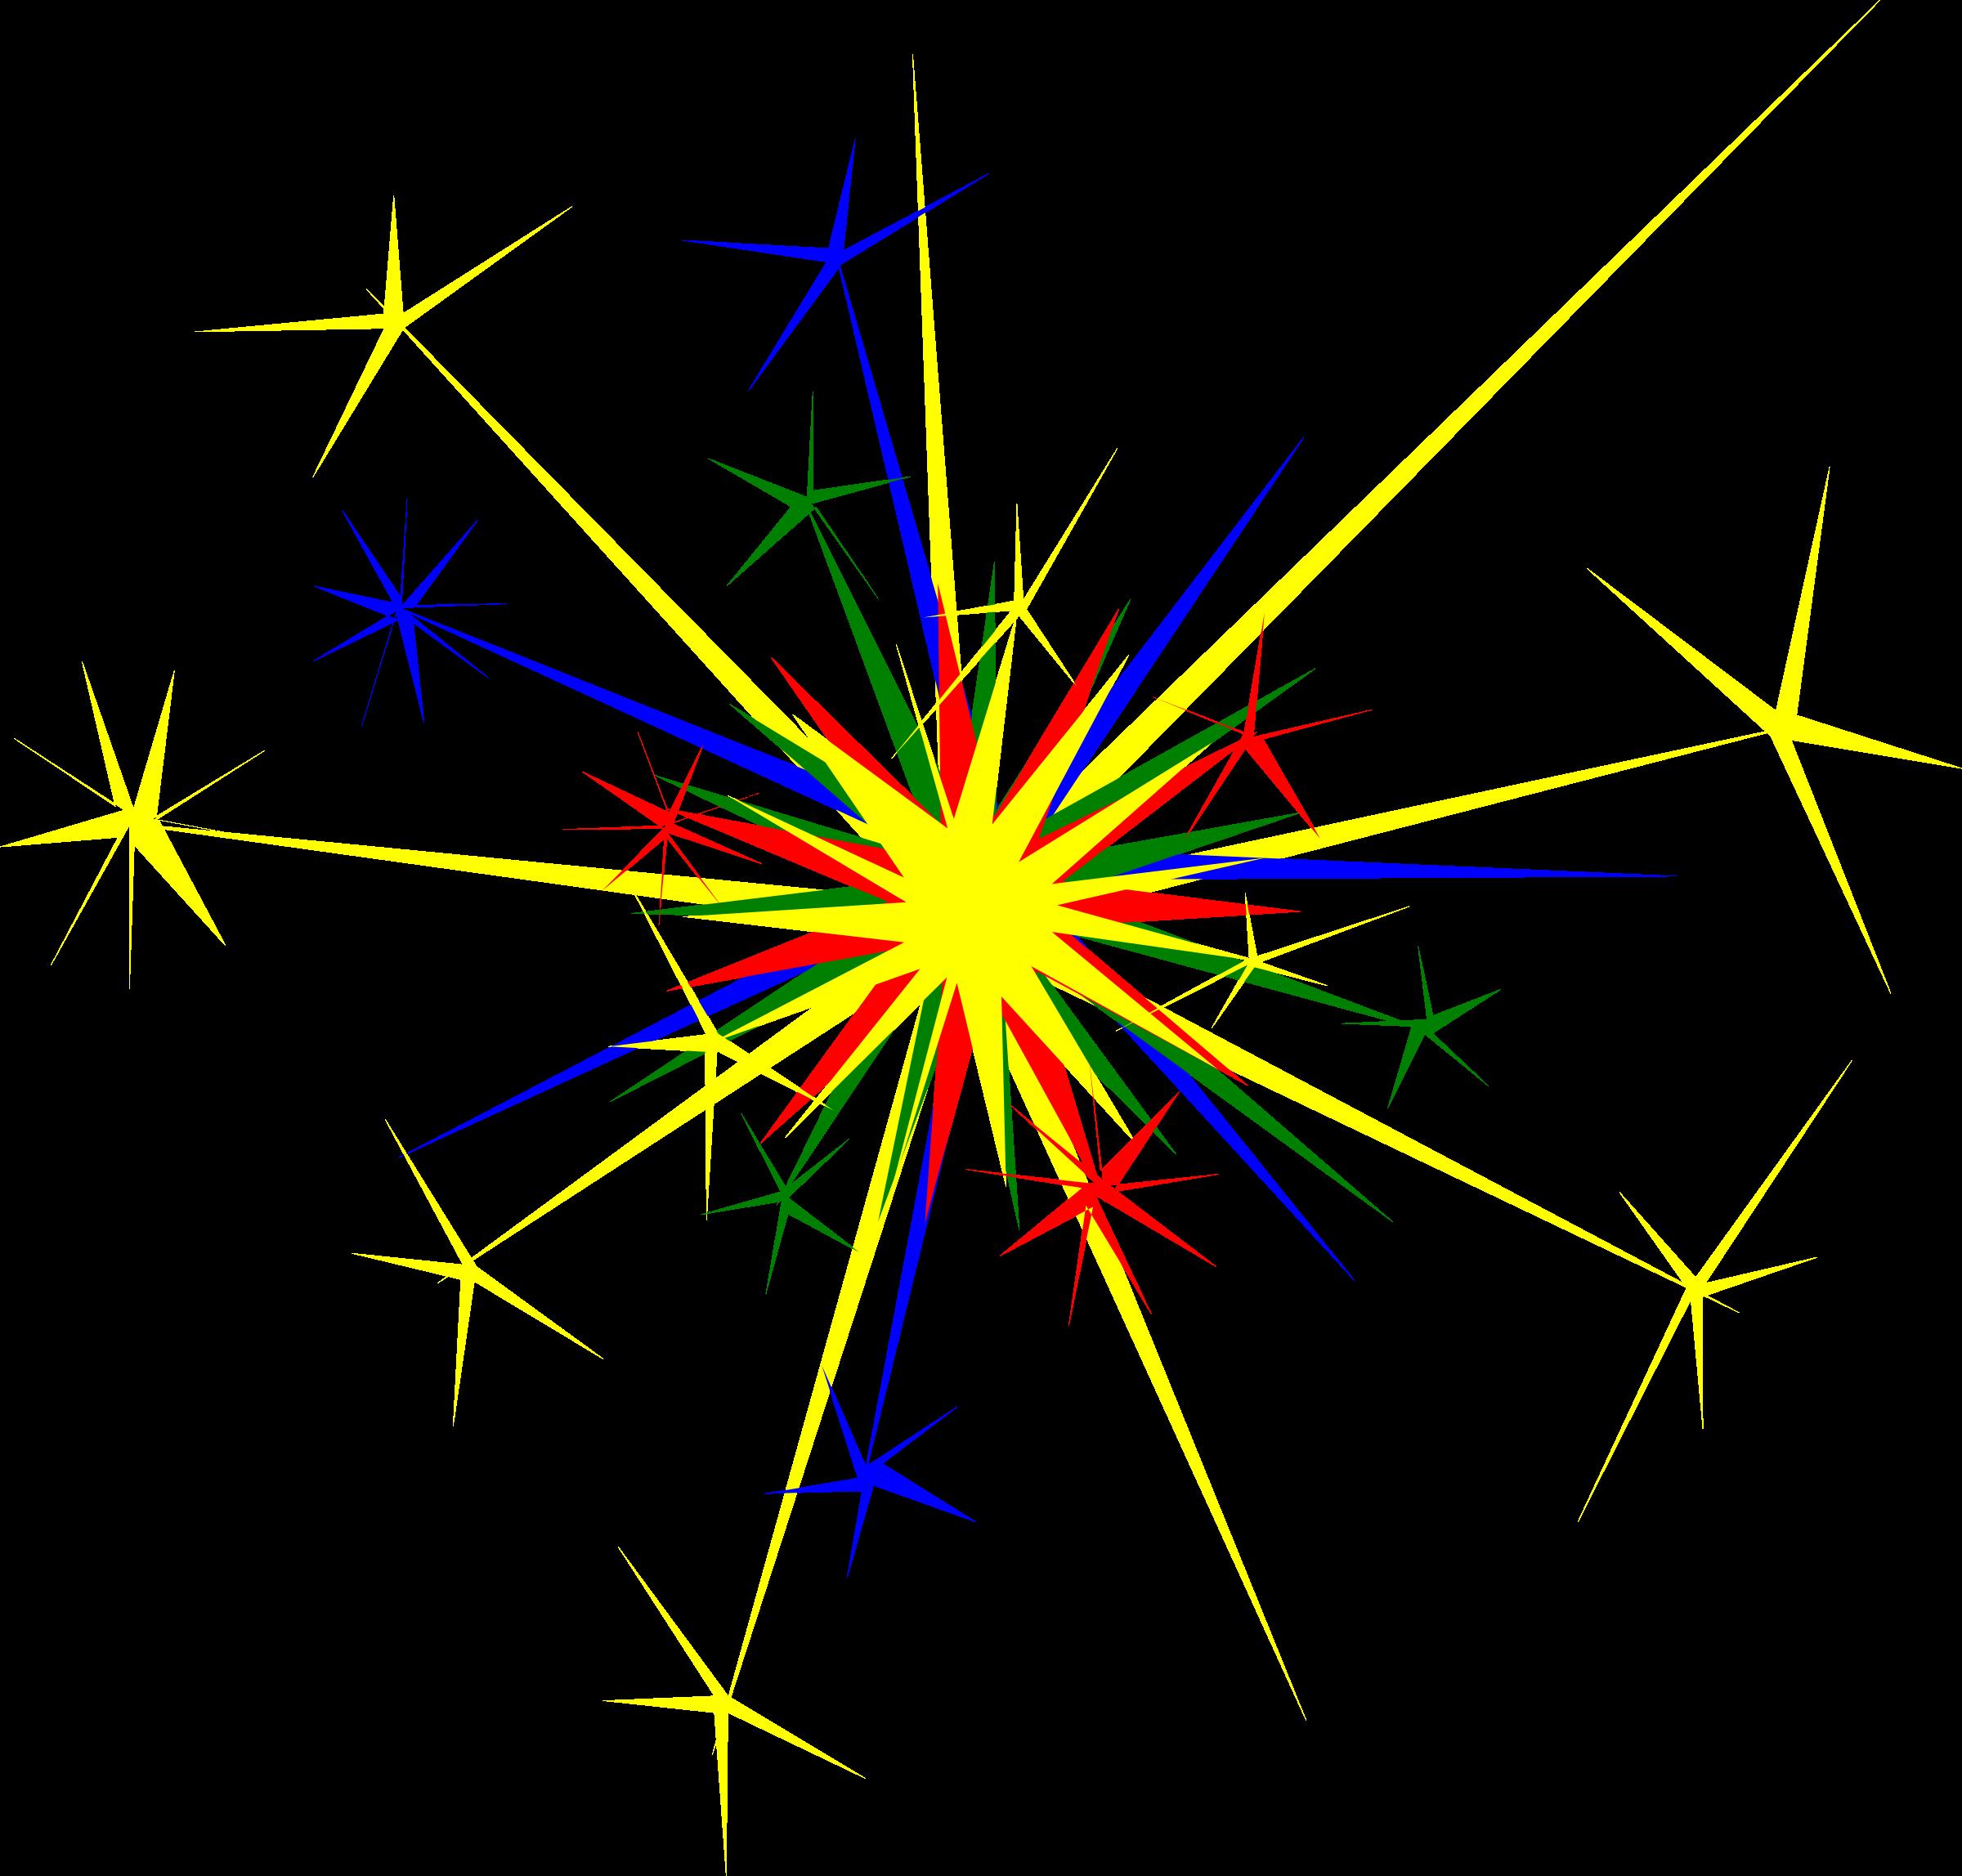 Multicolored sparkle big image. Fireworks clipart sparkler